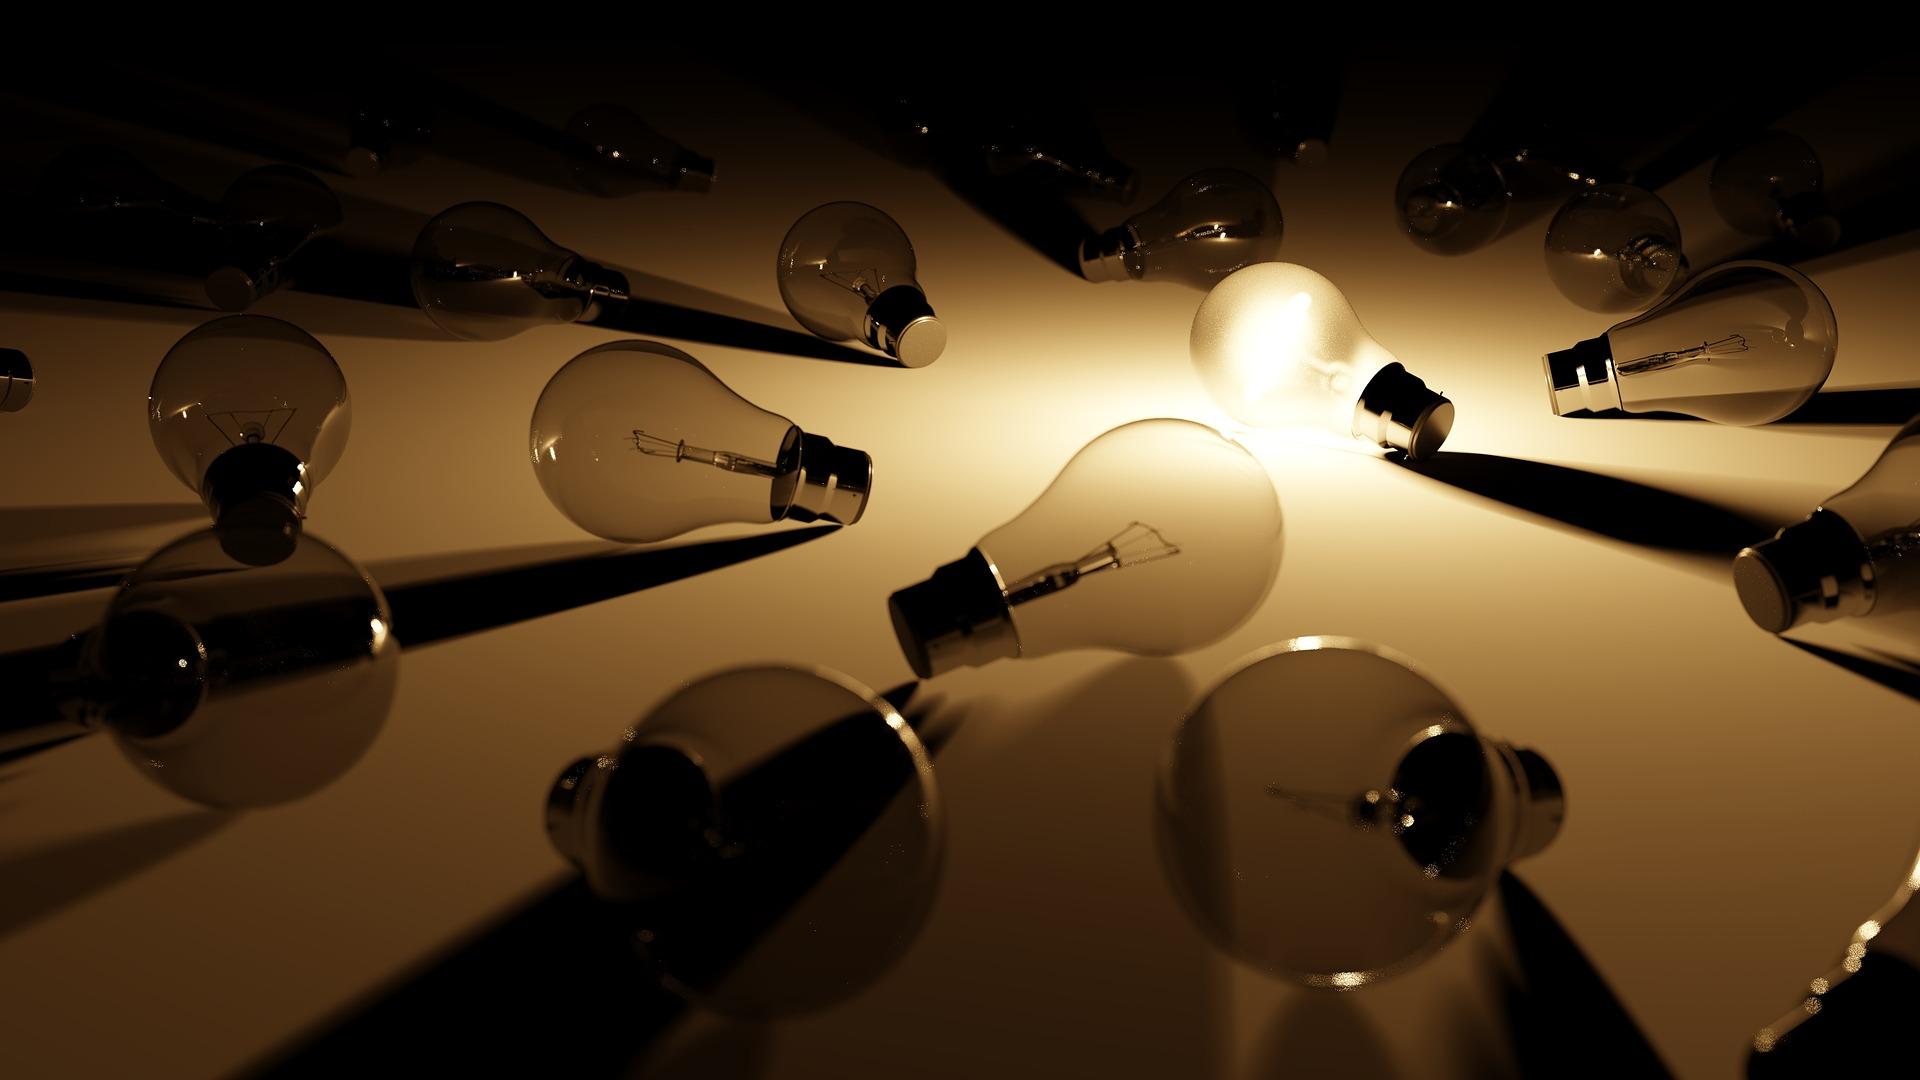 inquinamento luminoso: un problema sottovalutato